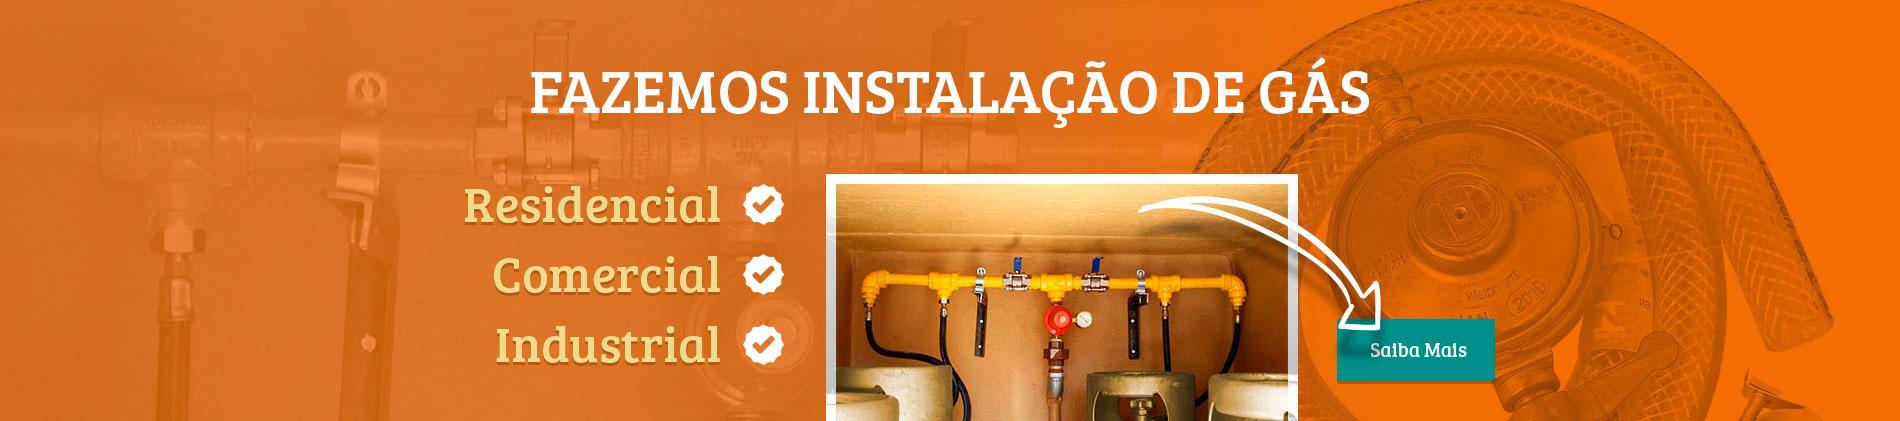 Instalação de Gás em Jundiaí, Louveira e Cabreúva